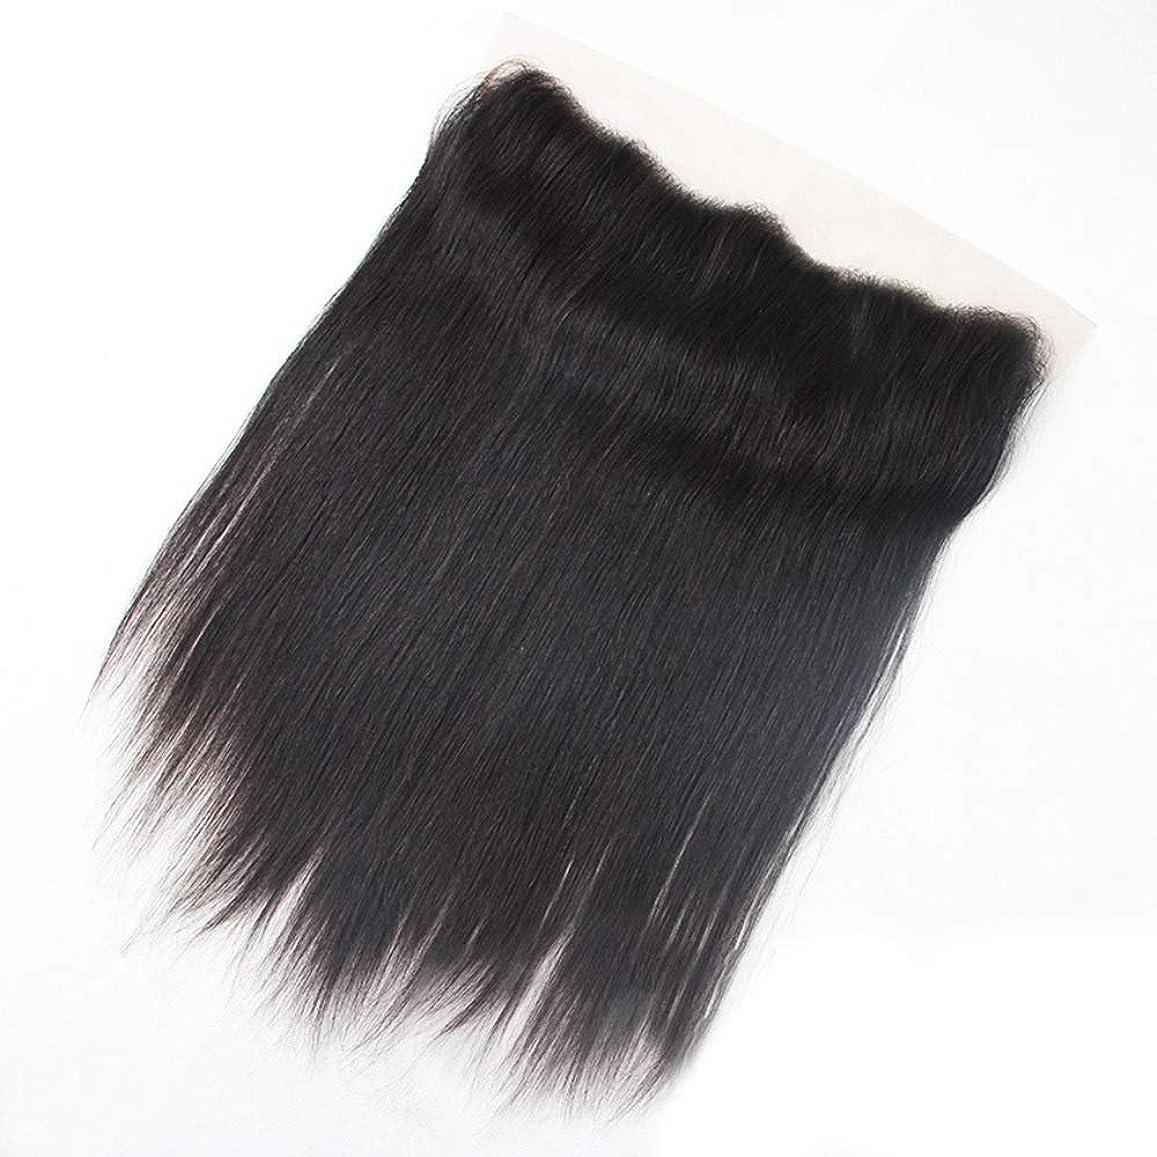 時制時計助言HOHYLLYA 女性の人間の髪の毛ストレート13x4レース前頭閉鎖ナチュラルカラー8インチ-20インチロングストレートヘアウィッグ (色 : 黒, サイズ : 14 inch)